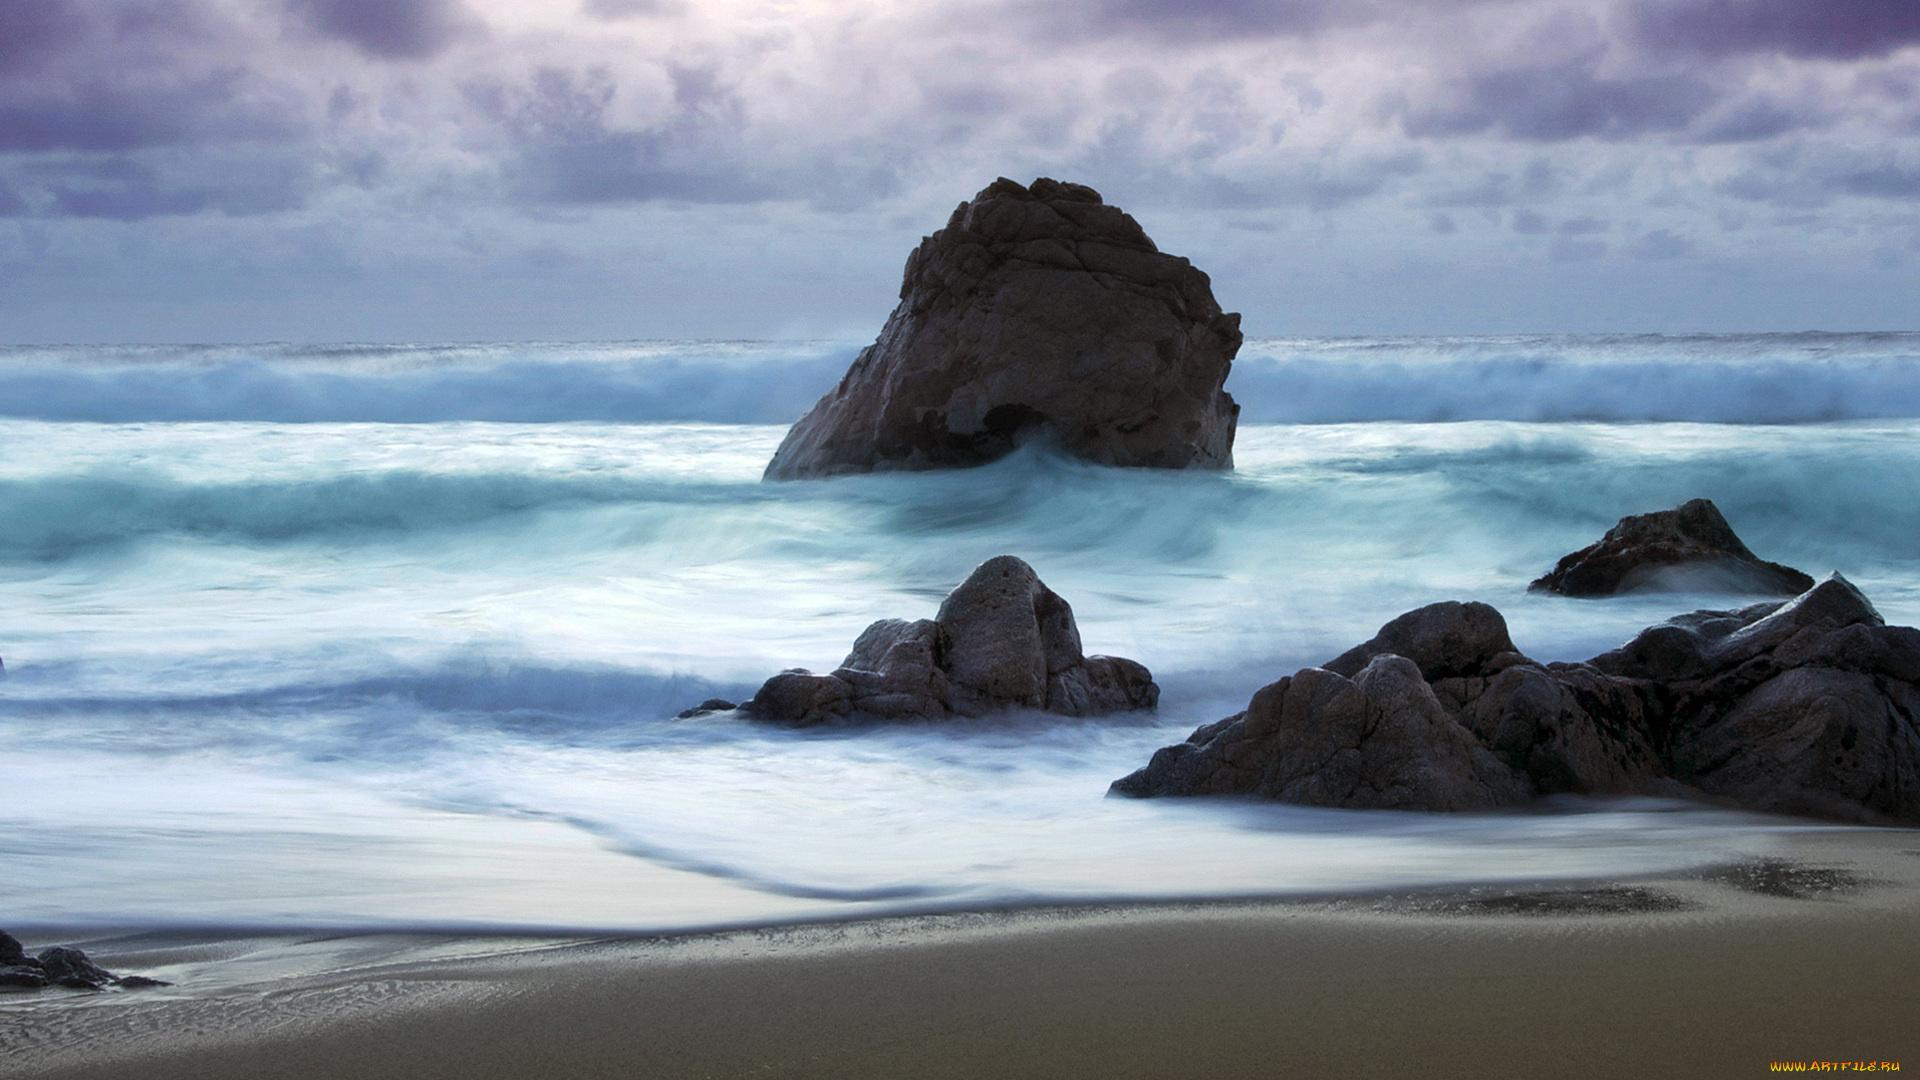 Берег камушки волны море подборки